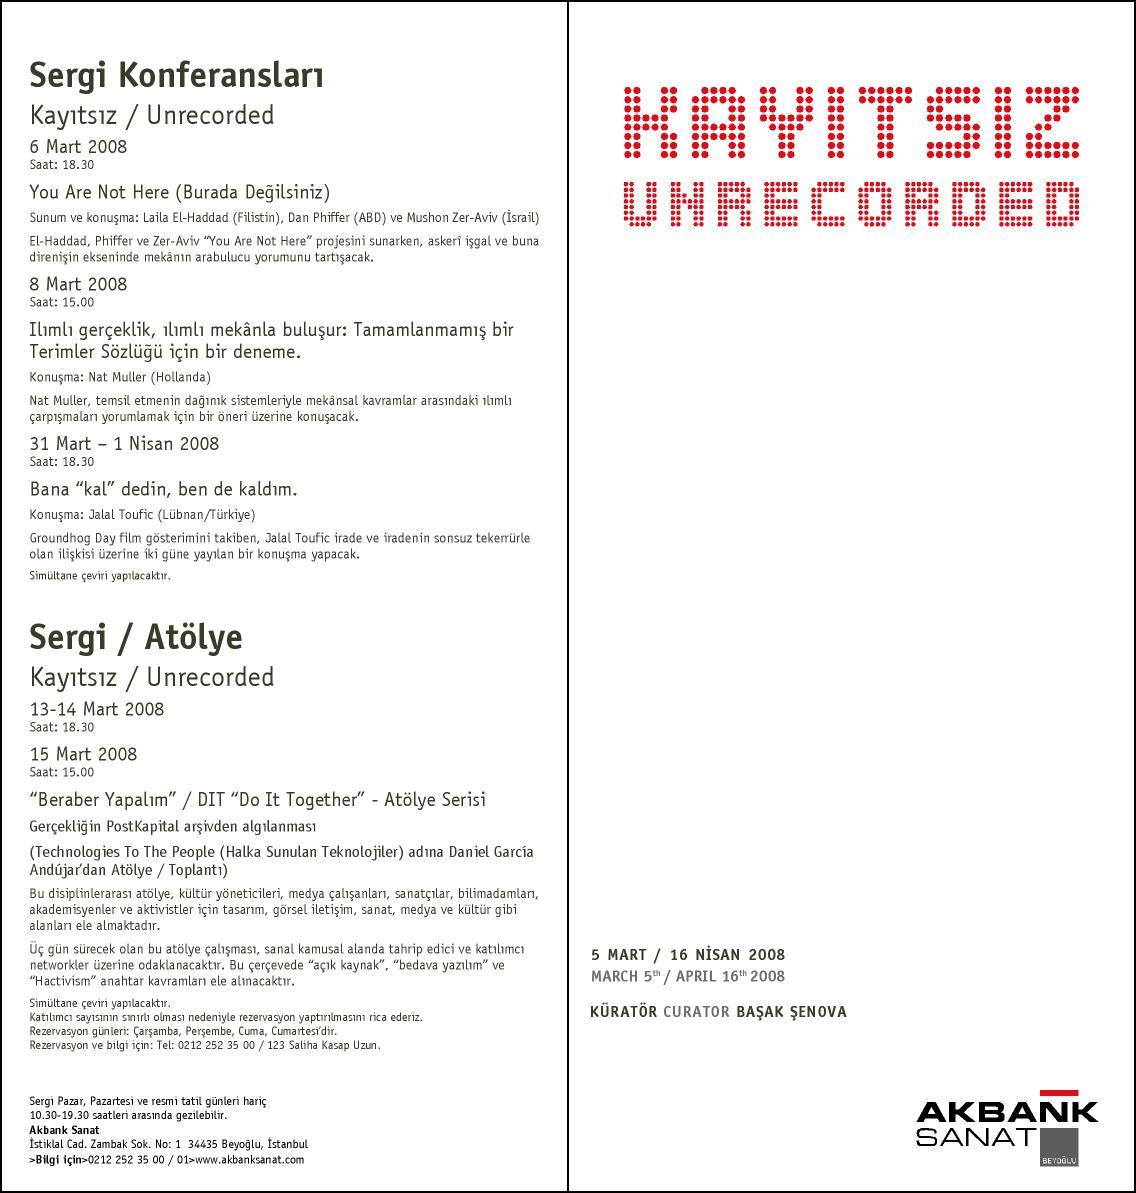 kayitsiz-10x21-foy-1.jpg